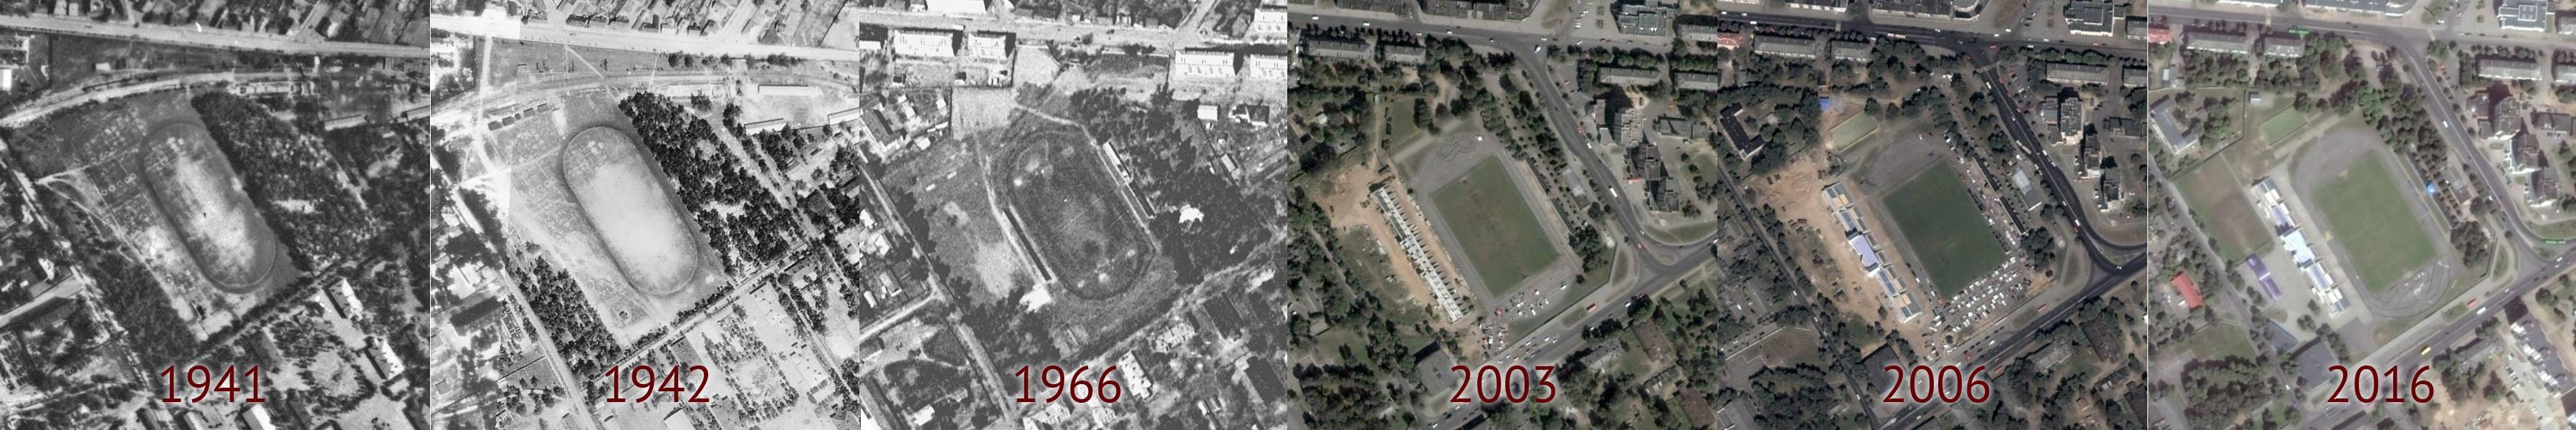 Стадион «Локомотив» с 1941 по 2016 год.